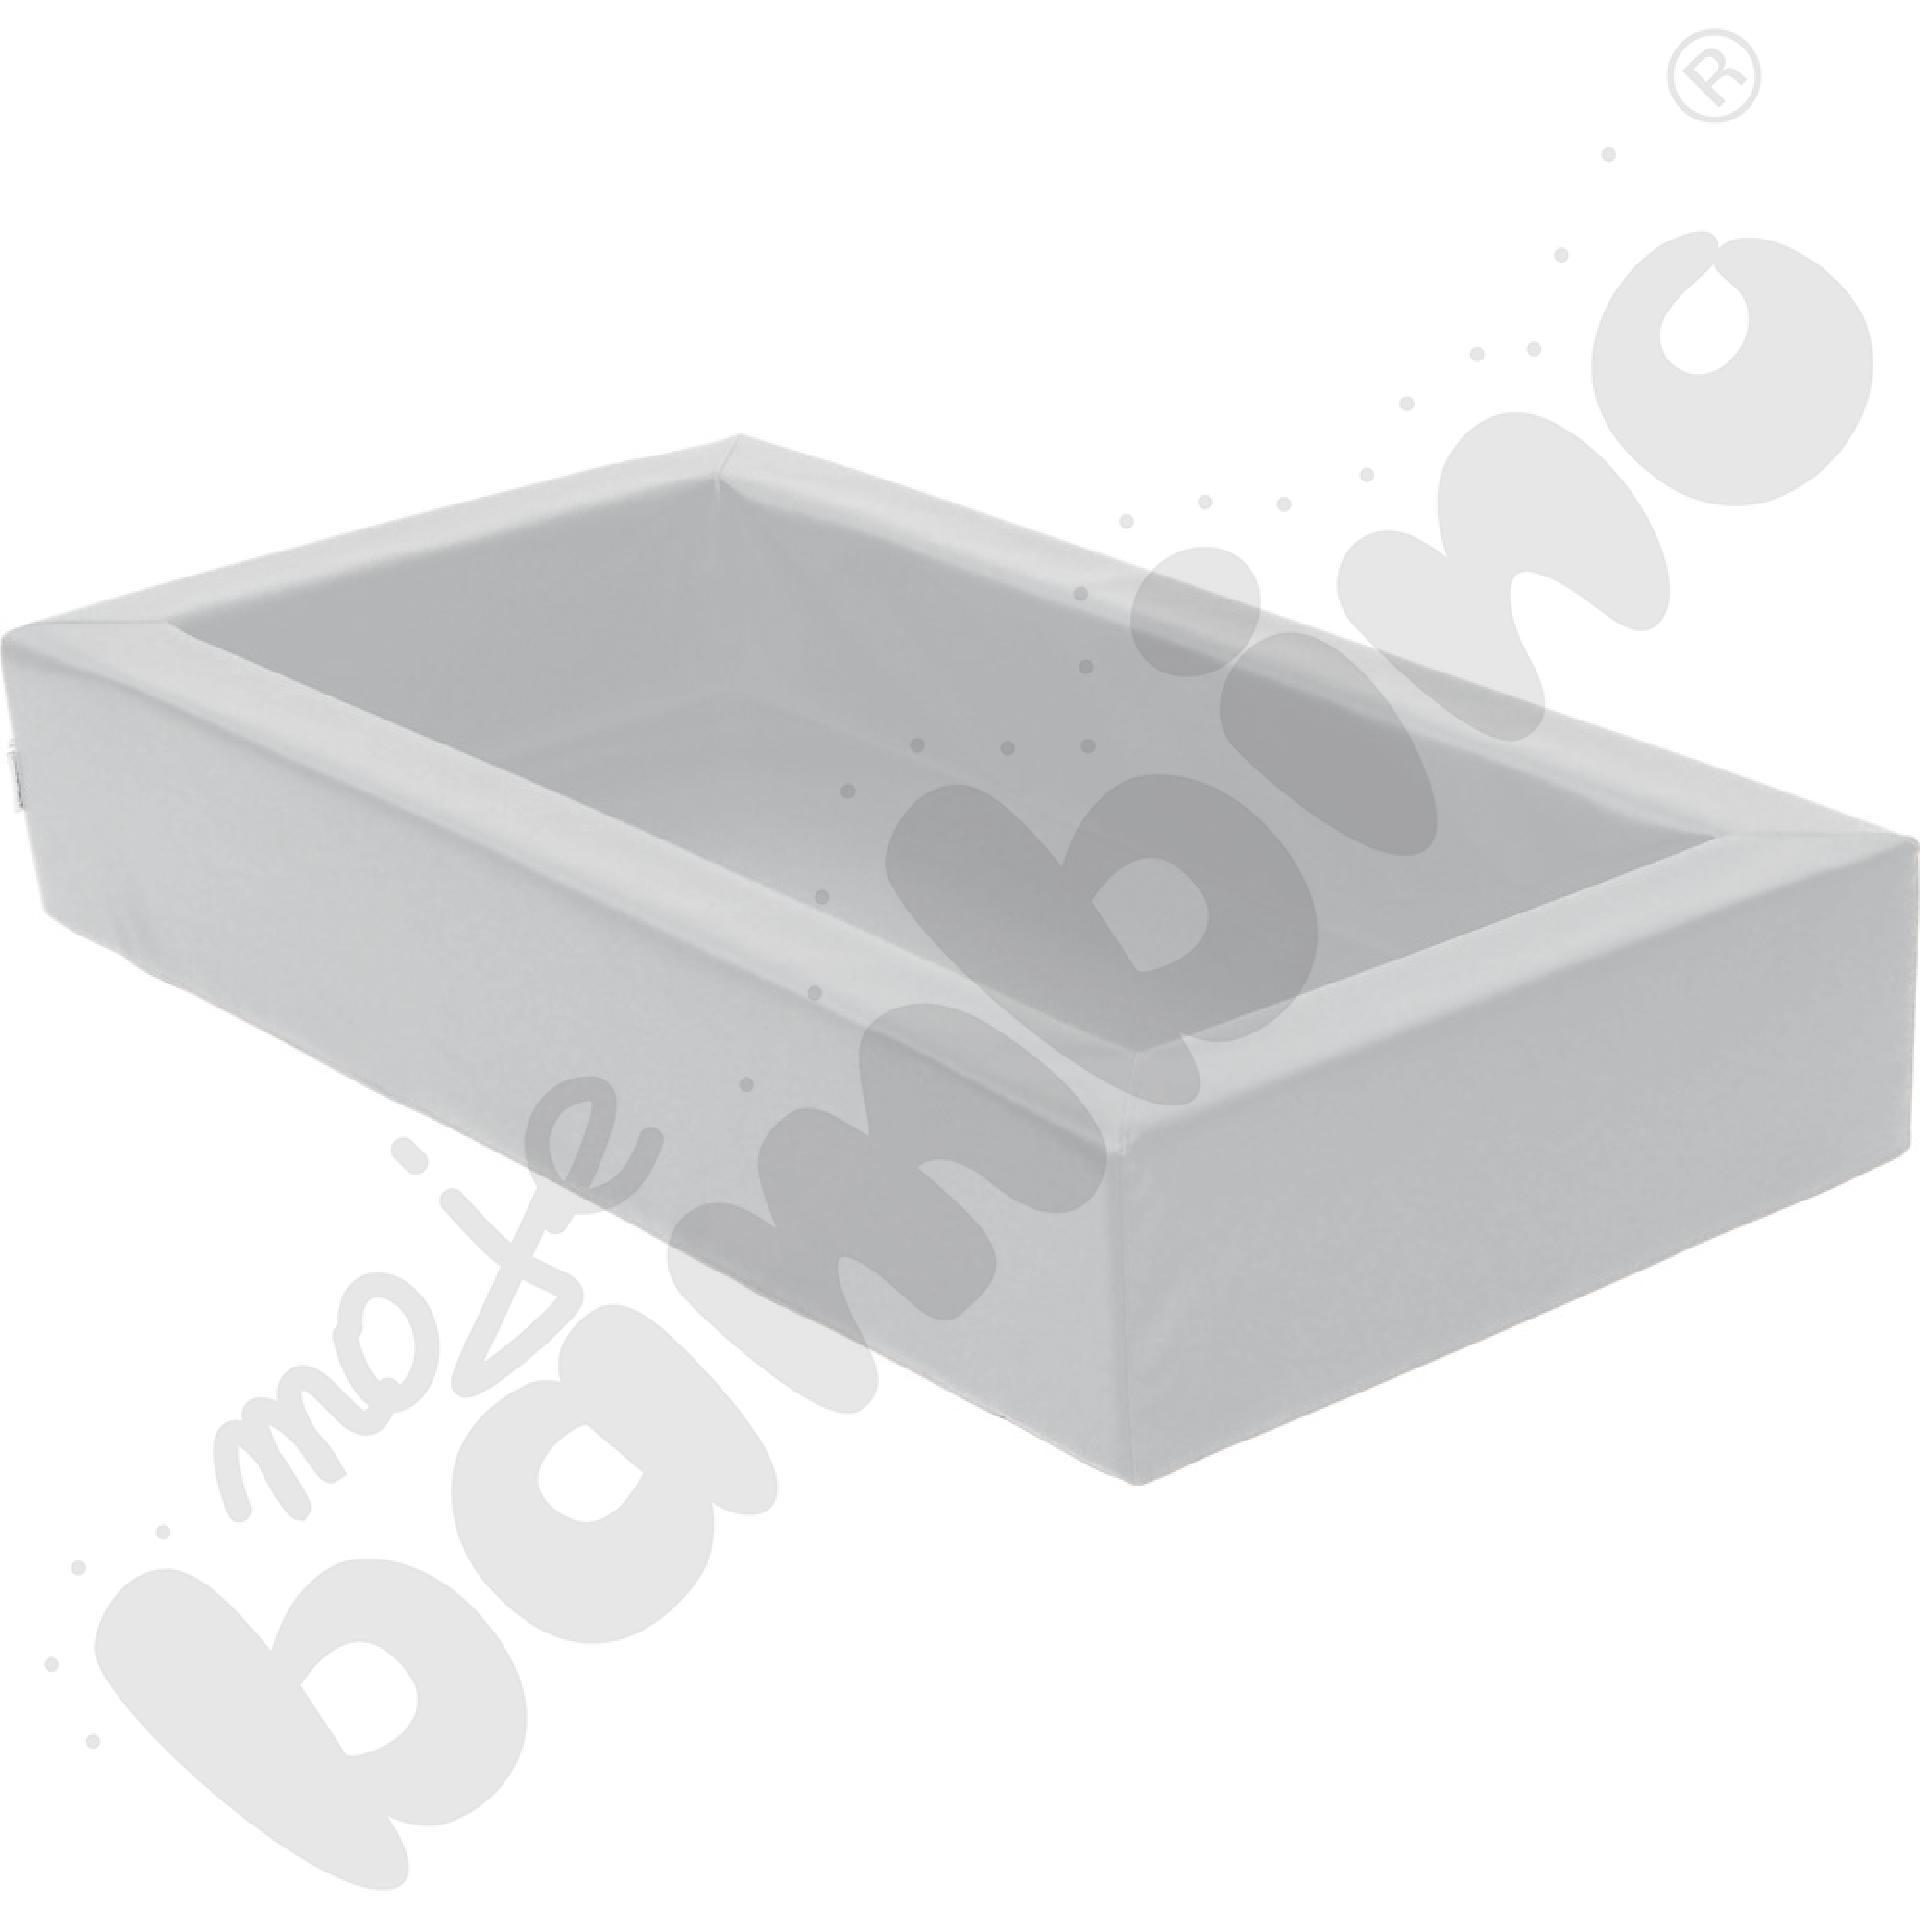 Łóżeczko piankowe z materacemaaa